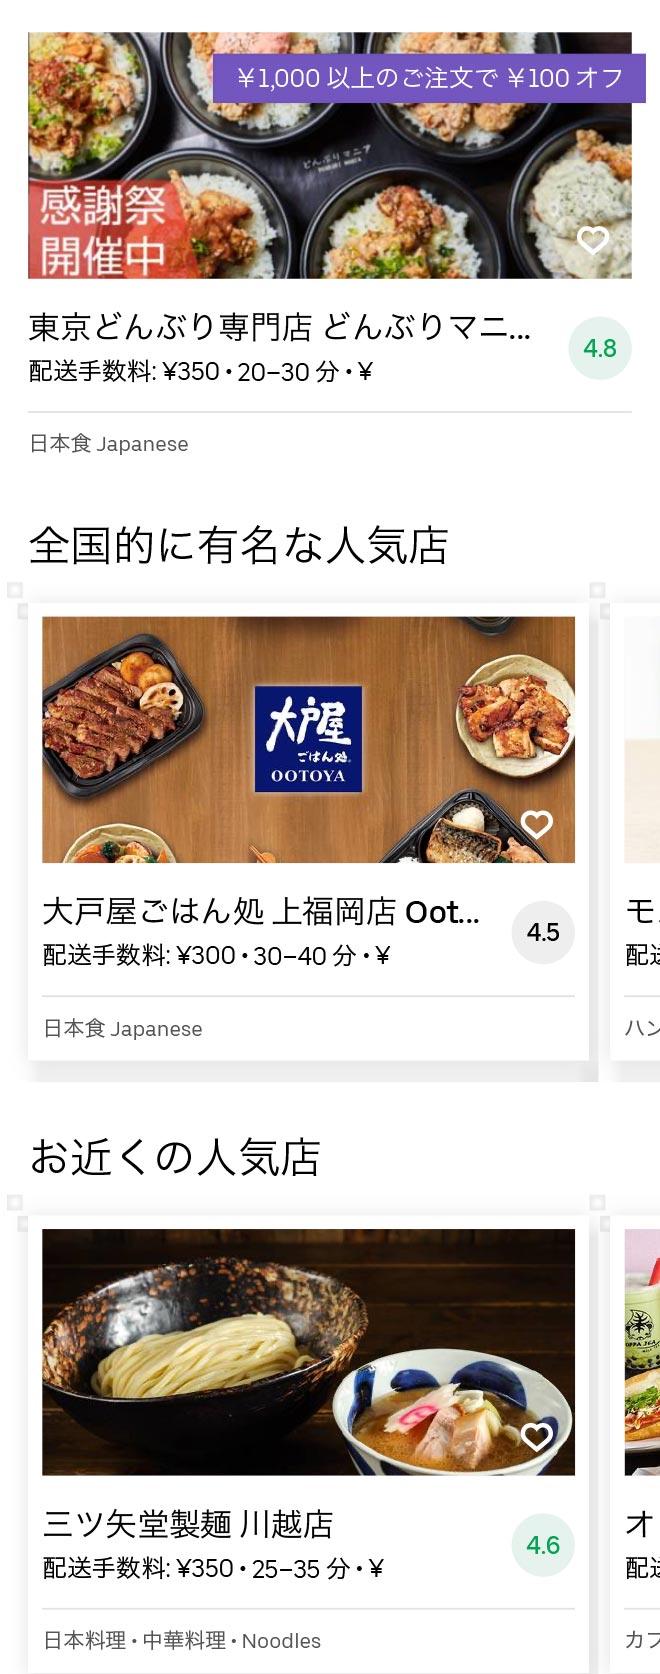 Shingashi menu 2008 02